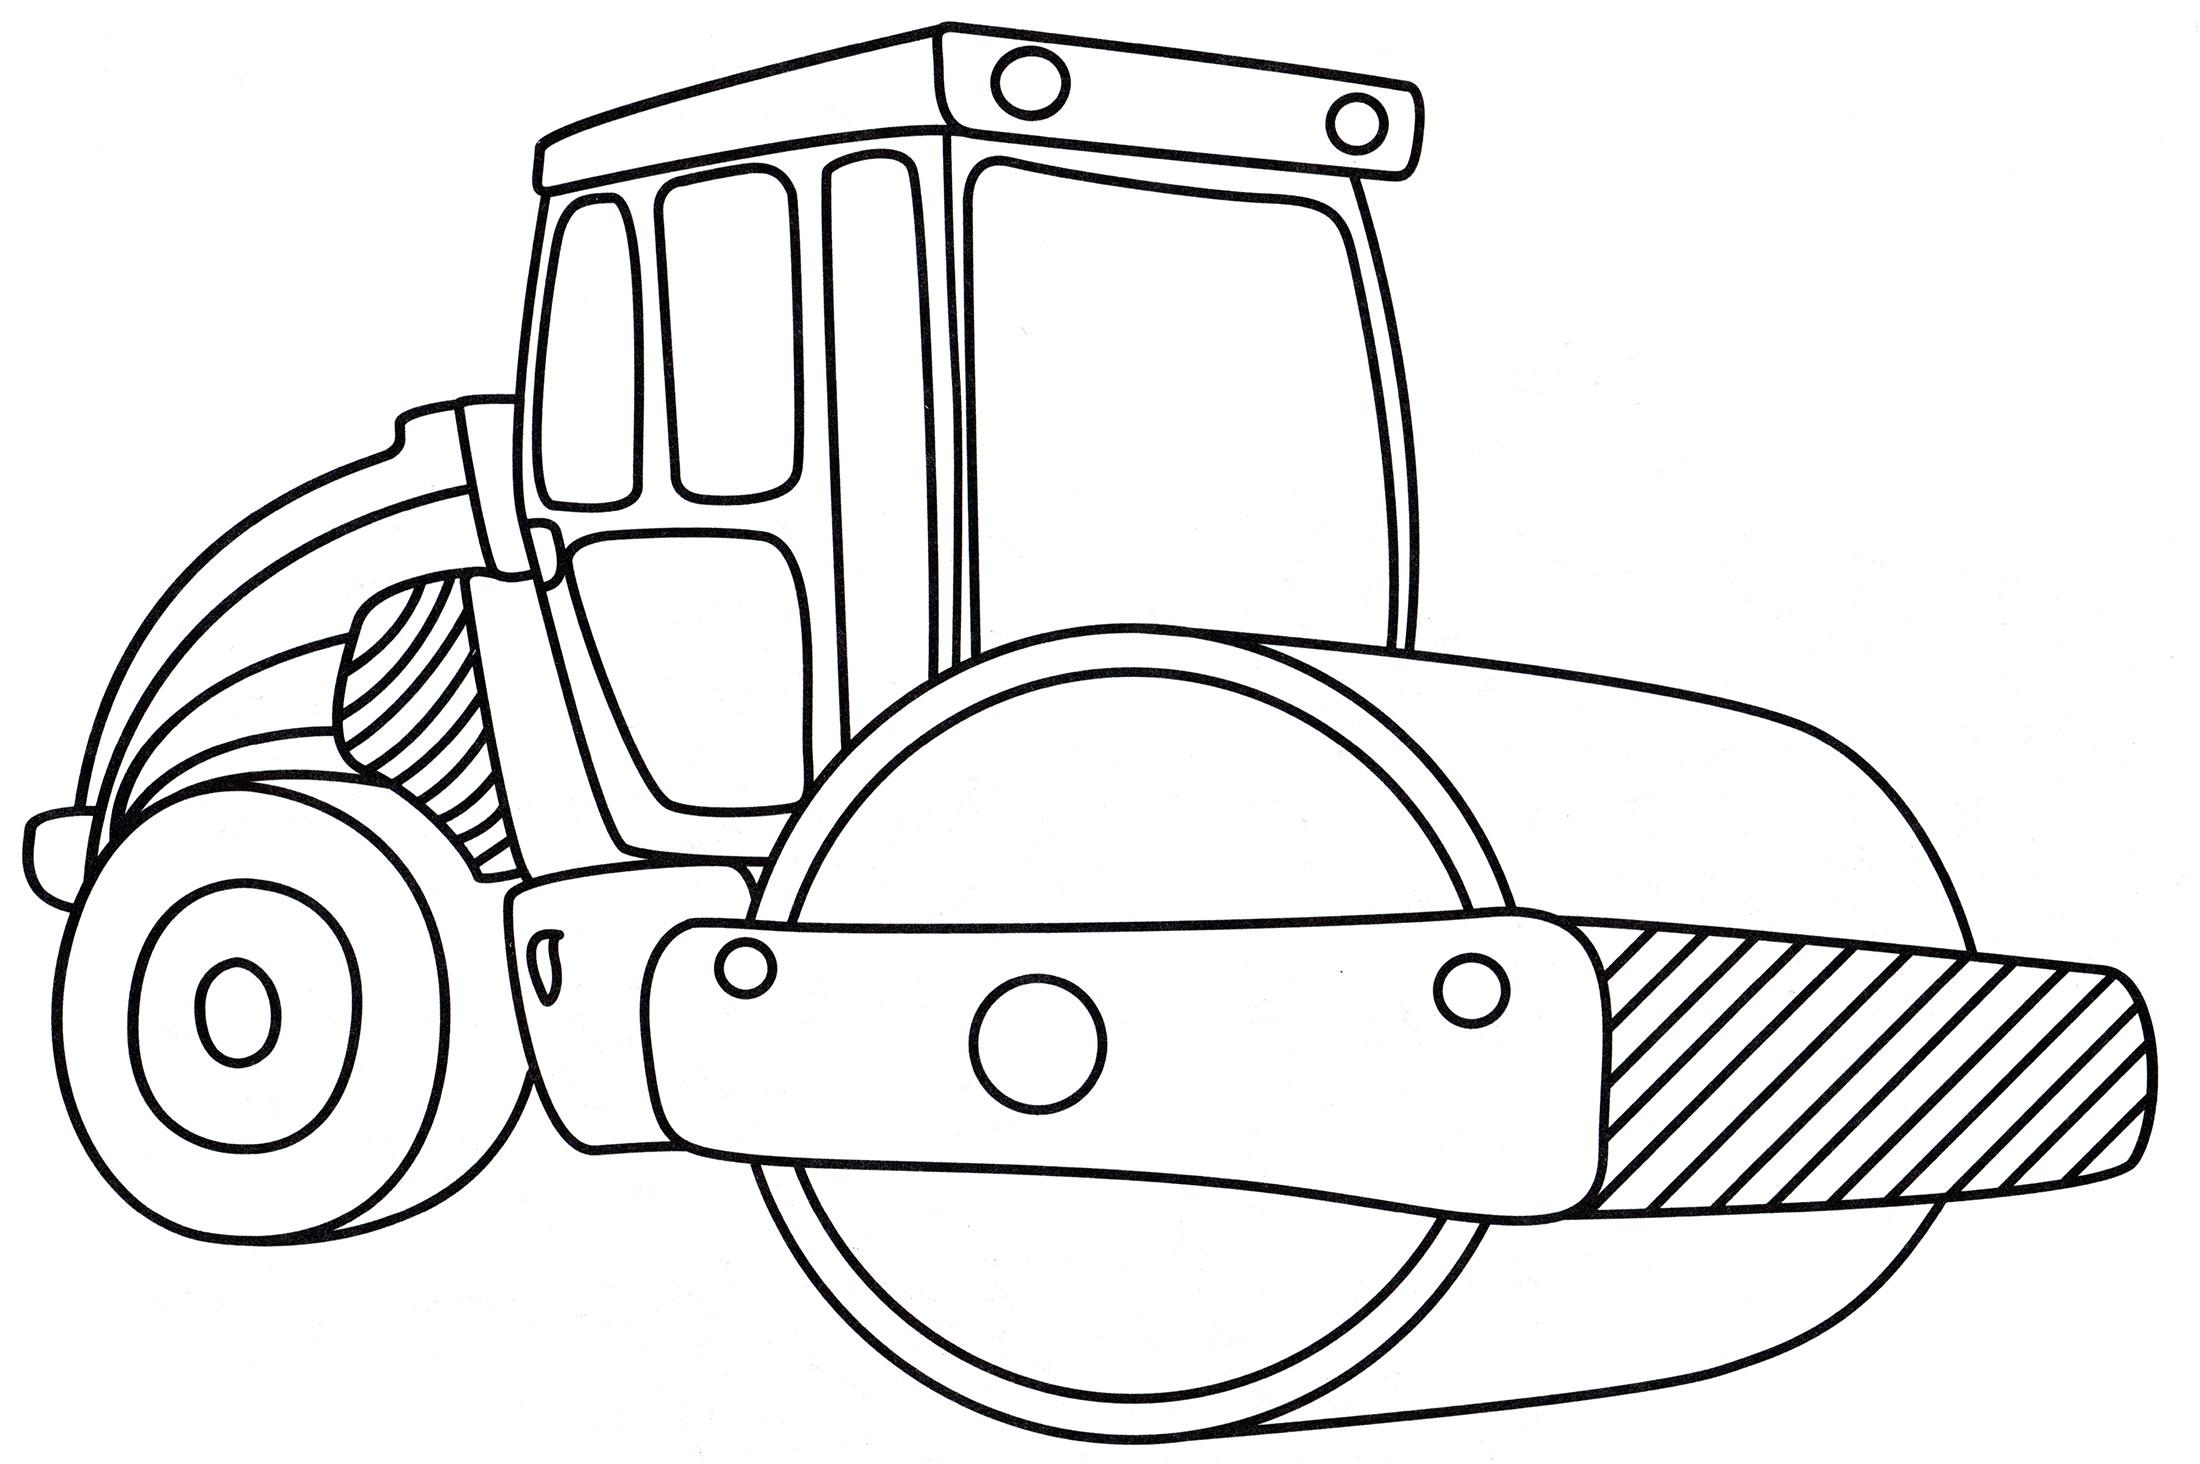 Раскраска Каток для дорожных работ - распечатать бесплатно